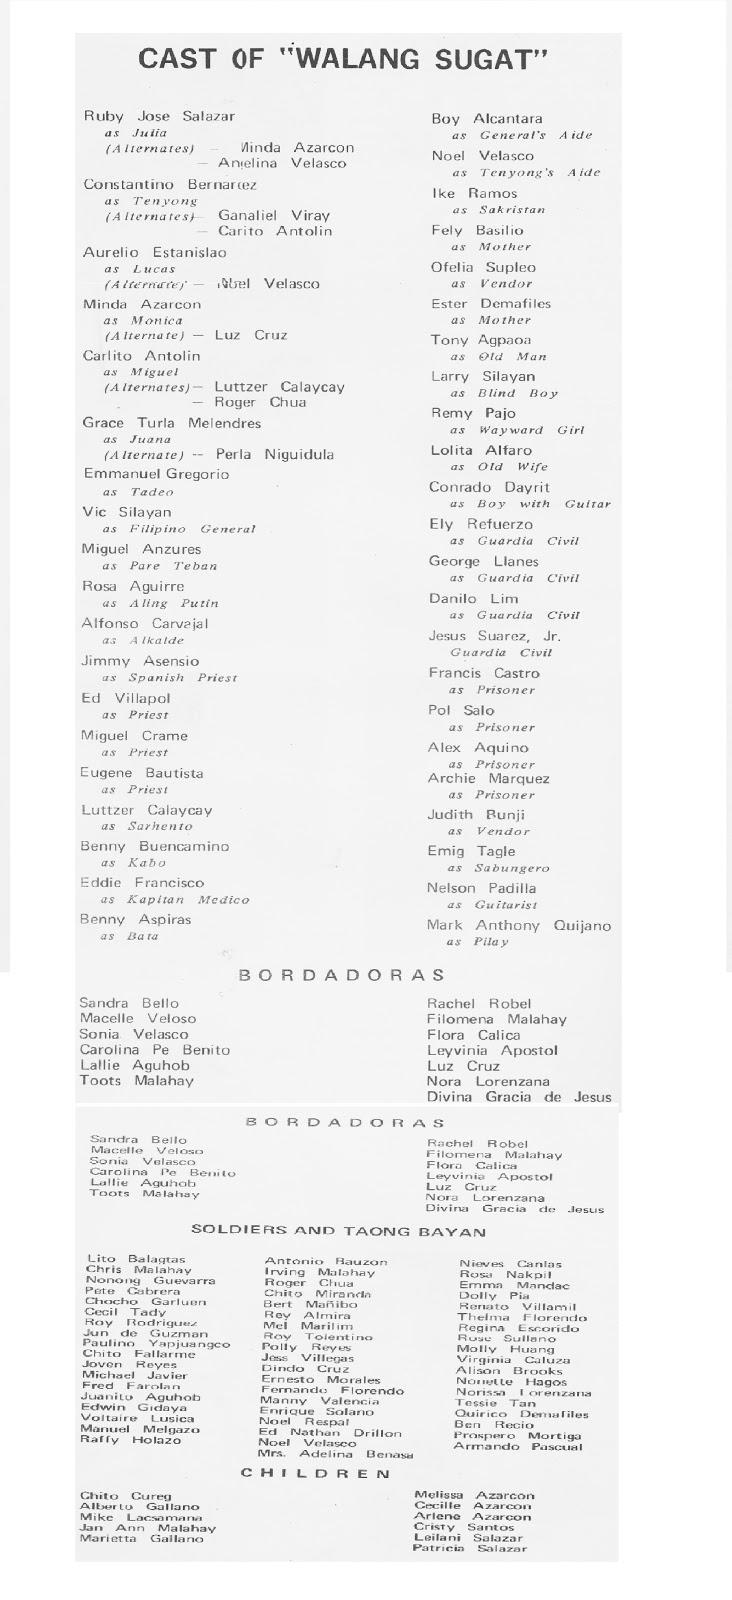 Walang Sugat: Cast of Walang Sugat (Circa 71)